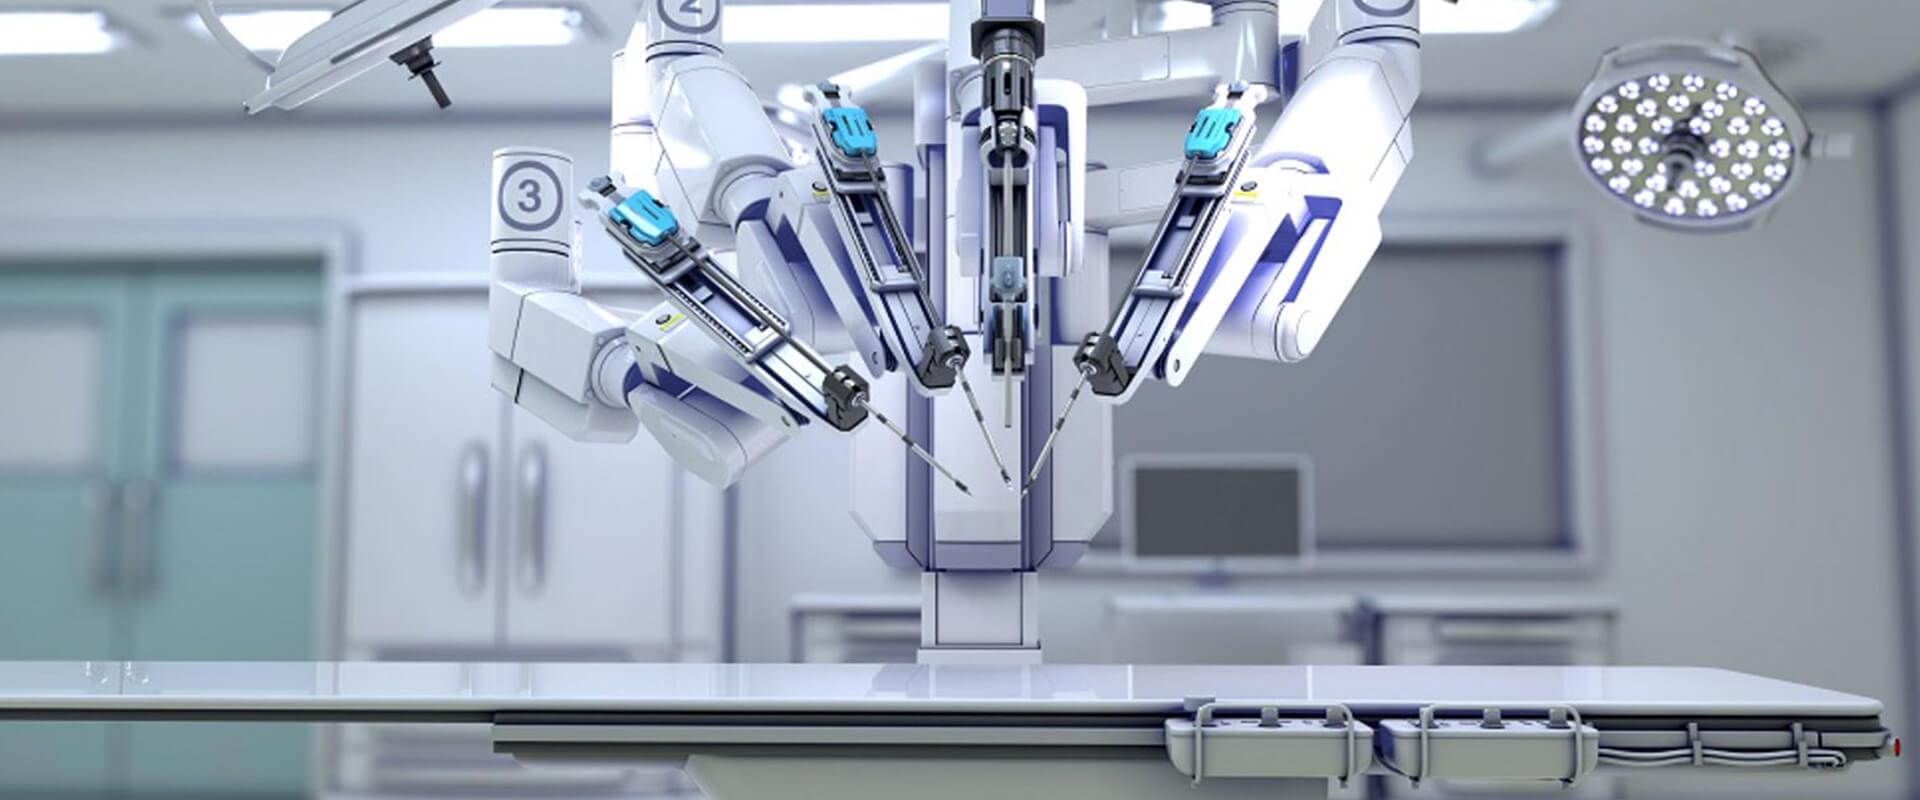 Cirurgia Robótica - Dr. Valter Alvarenga